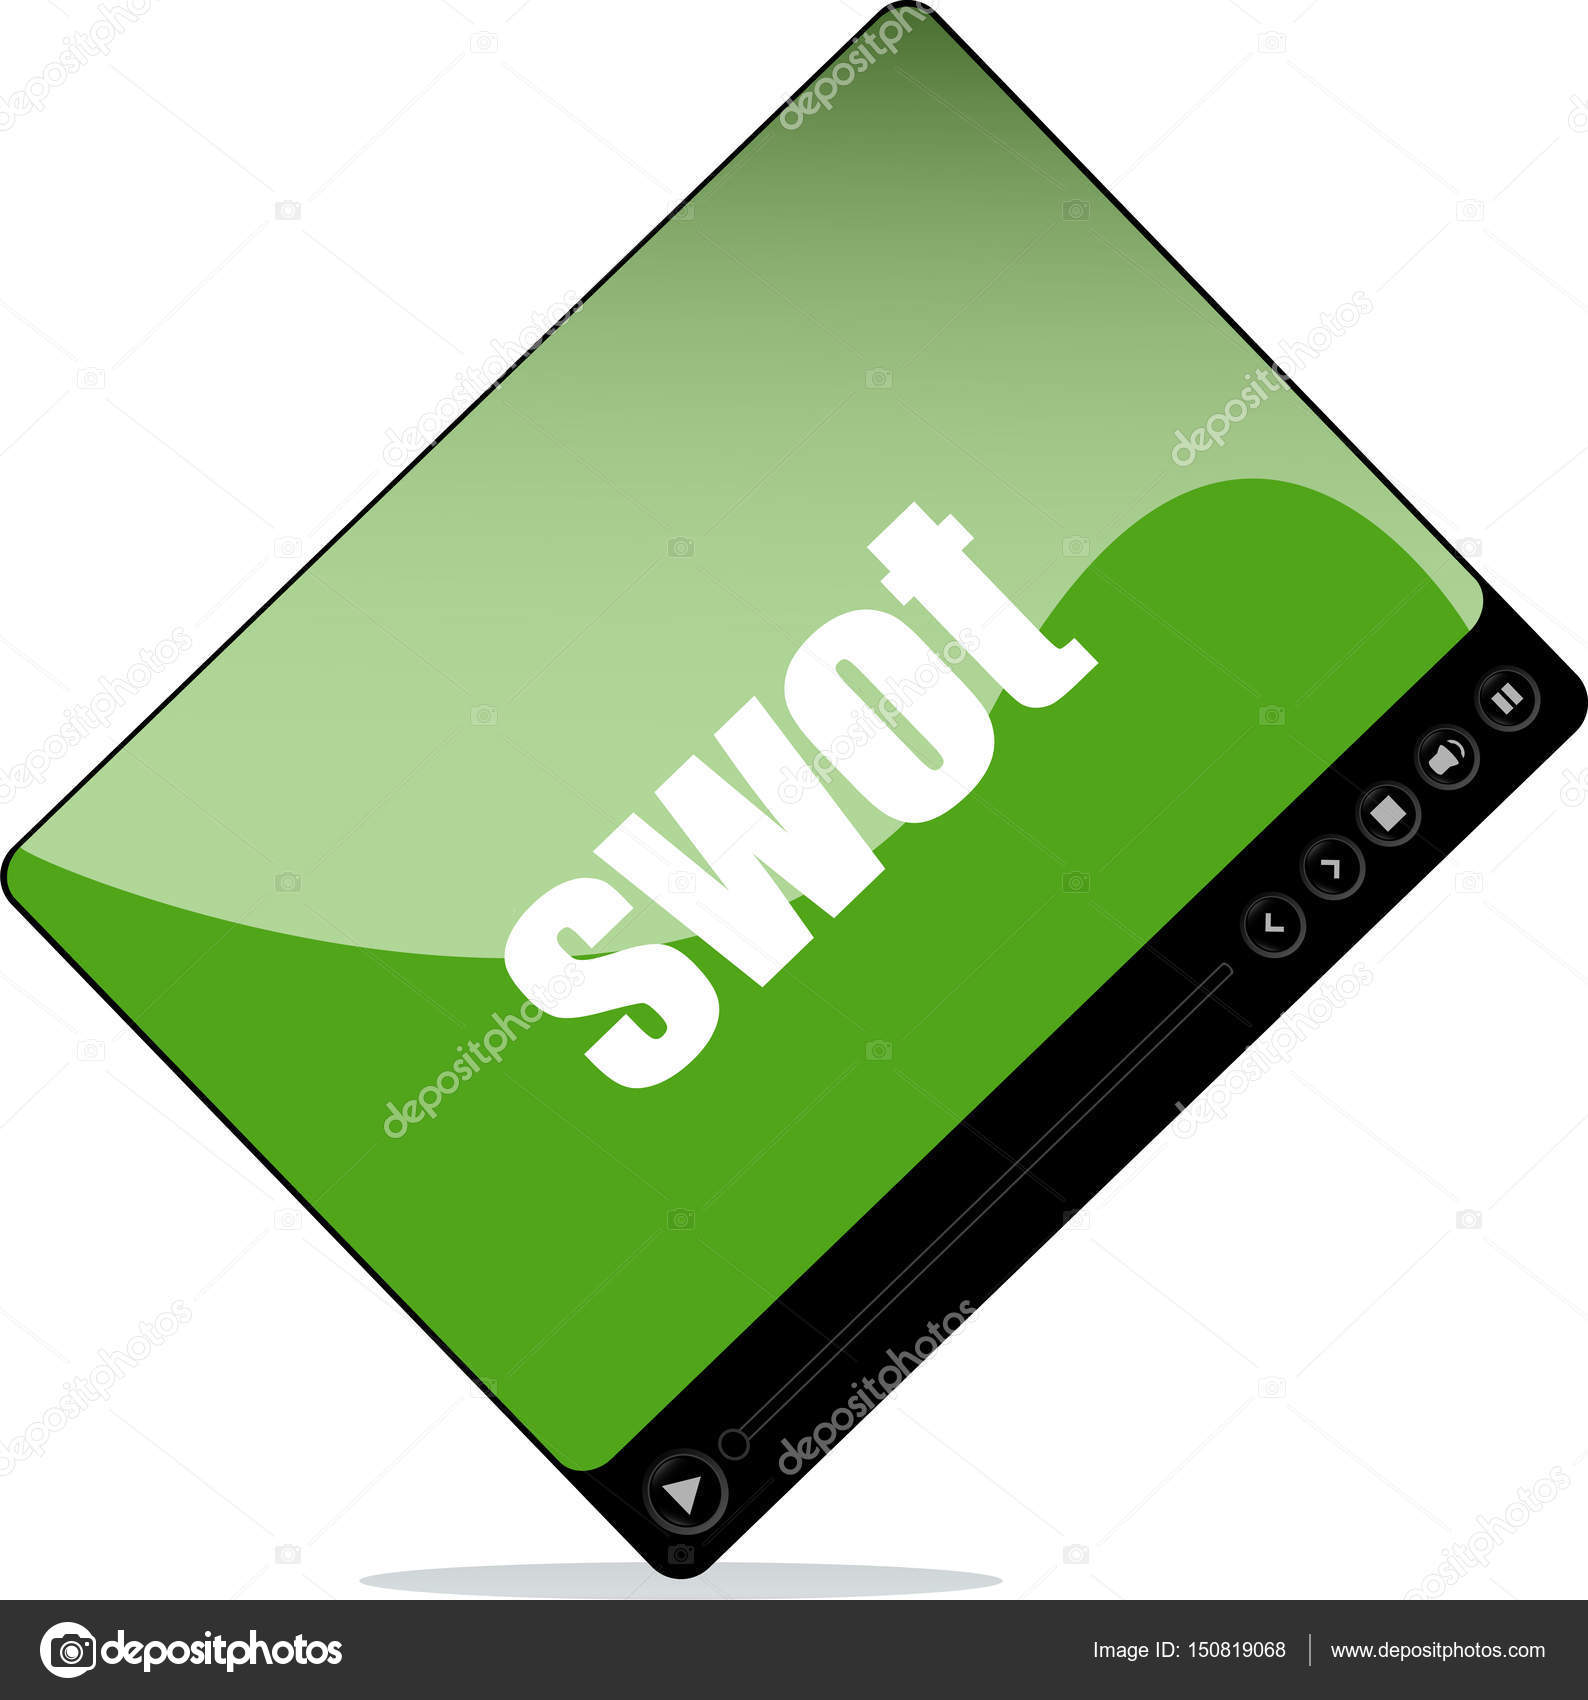 Tolle Wort Swot Vorlage Bilder - Beispielzusammenfassung Ideen ...